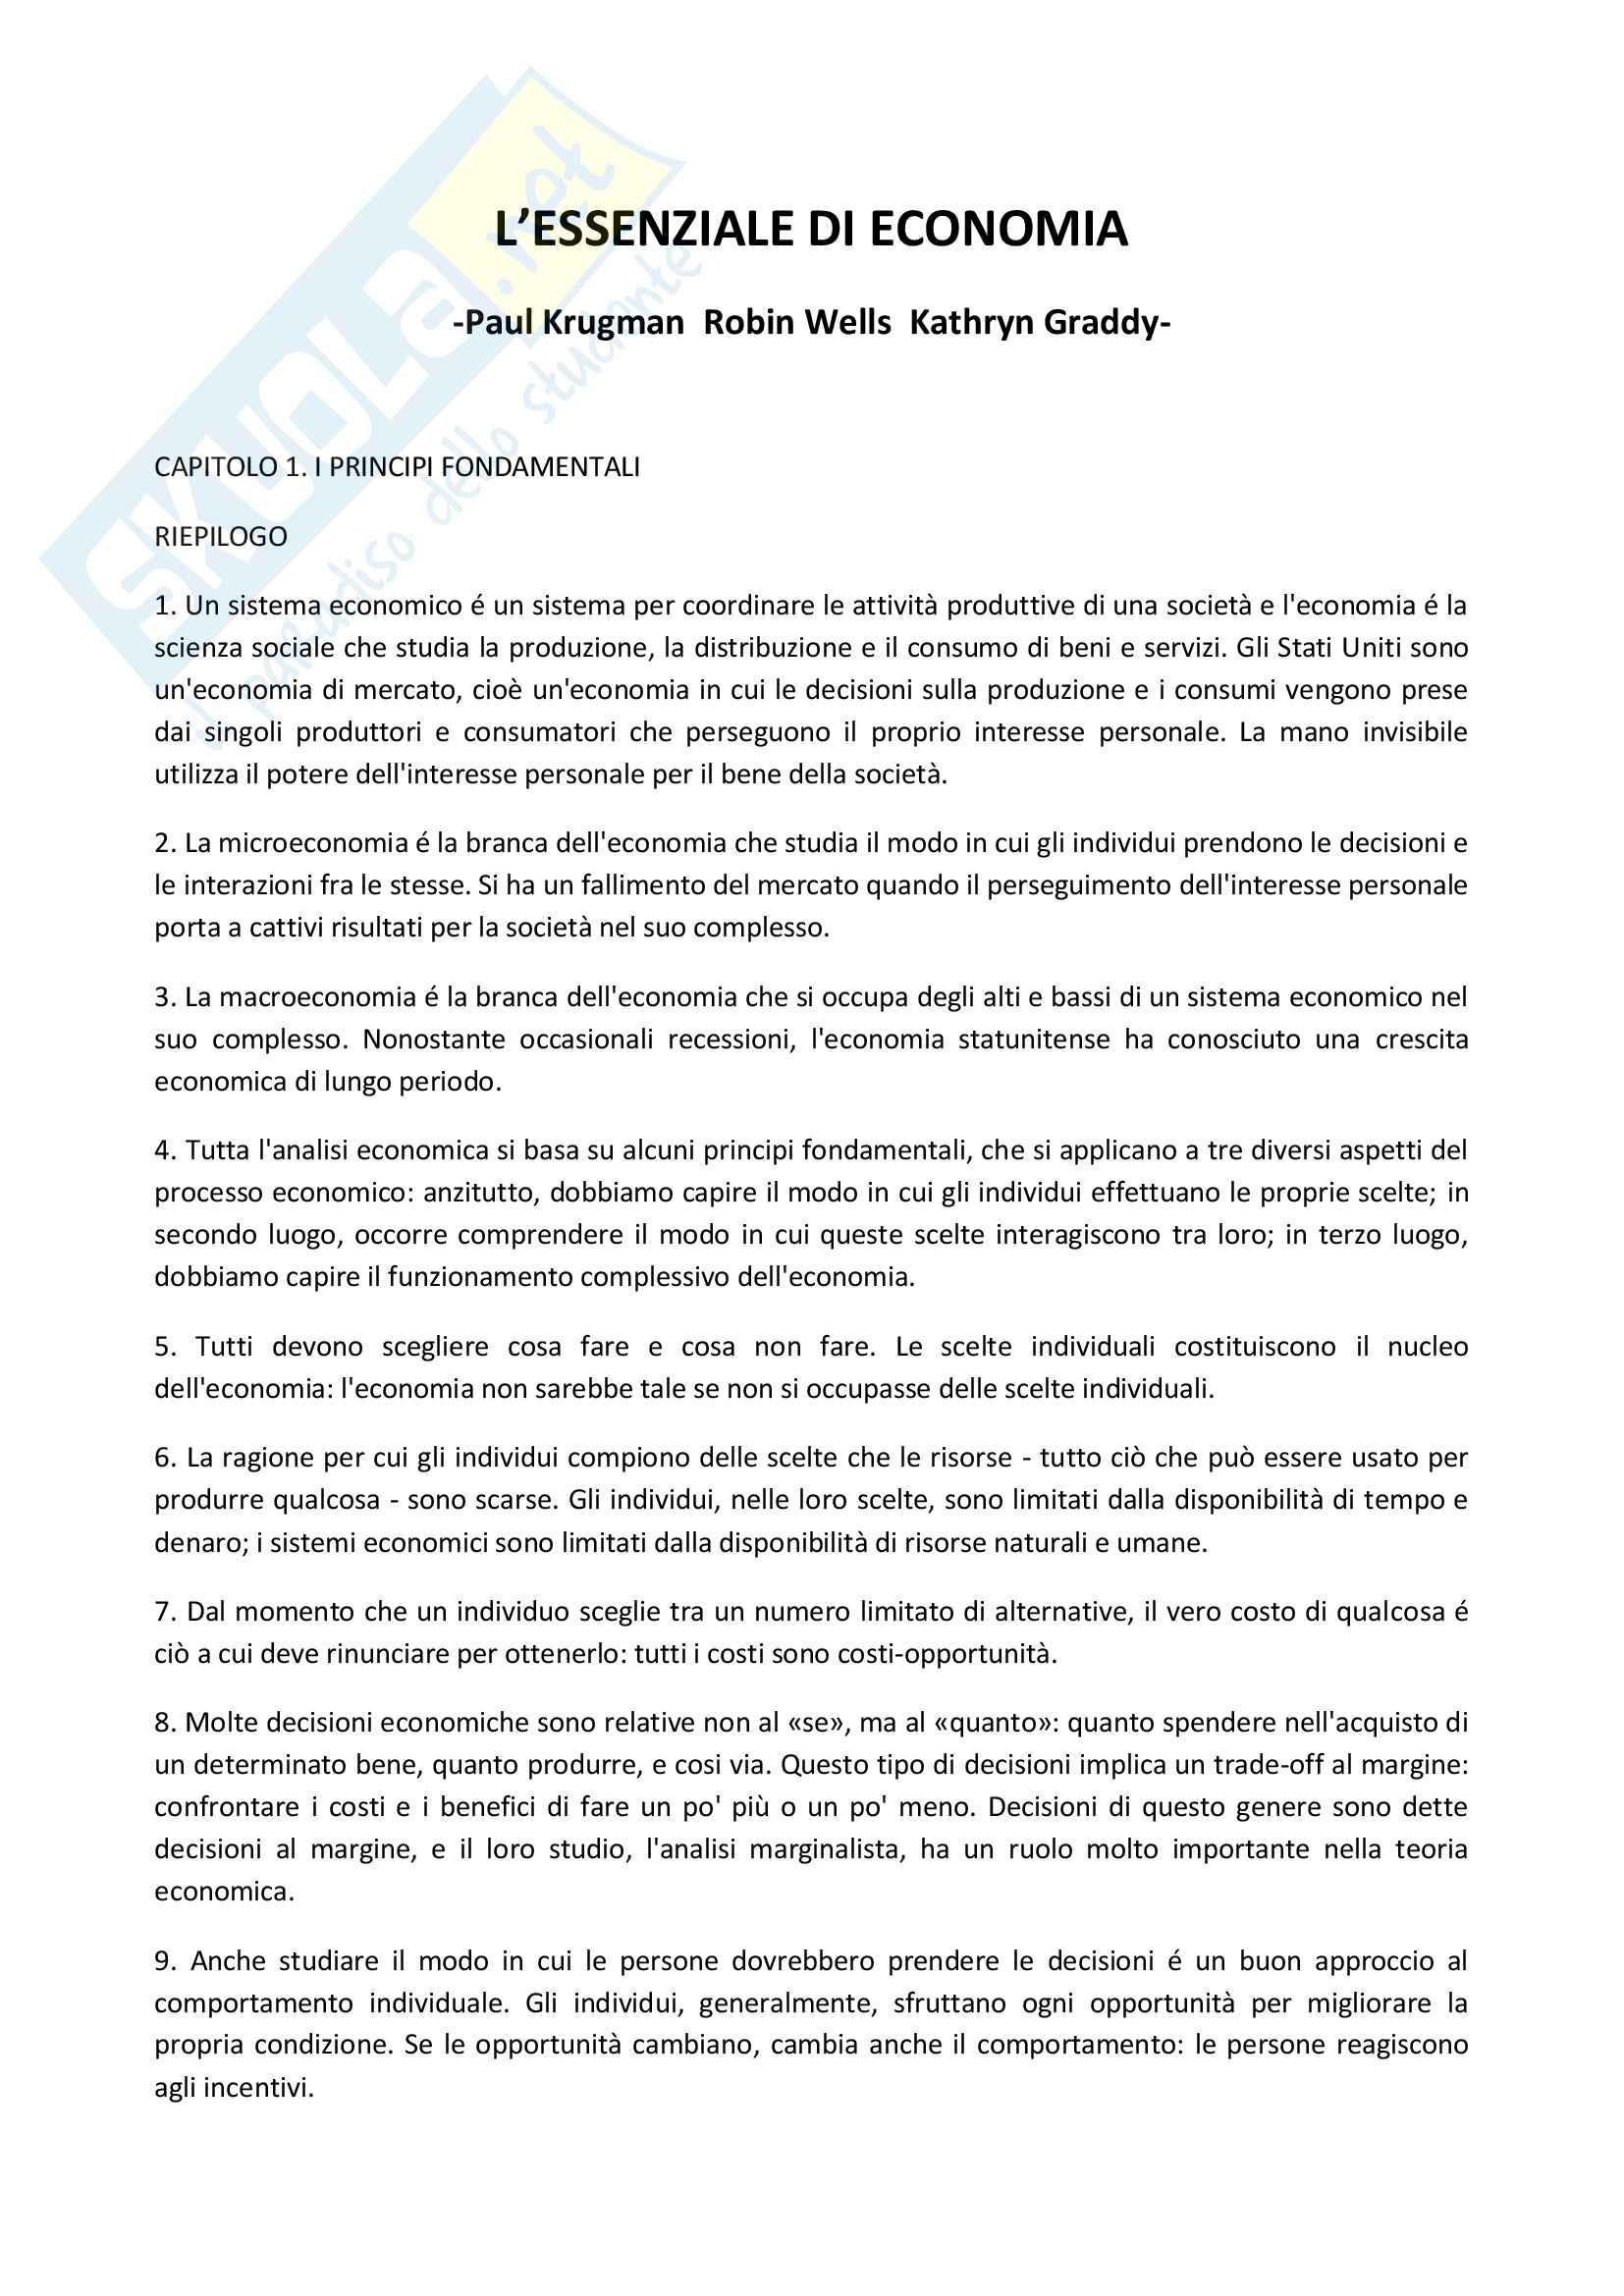 Riassunto e Parole Chiave Economia Politica, prof. Barbarito, libro consigliato L'Essenziale di Economia, P. Krugman